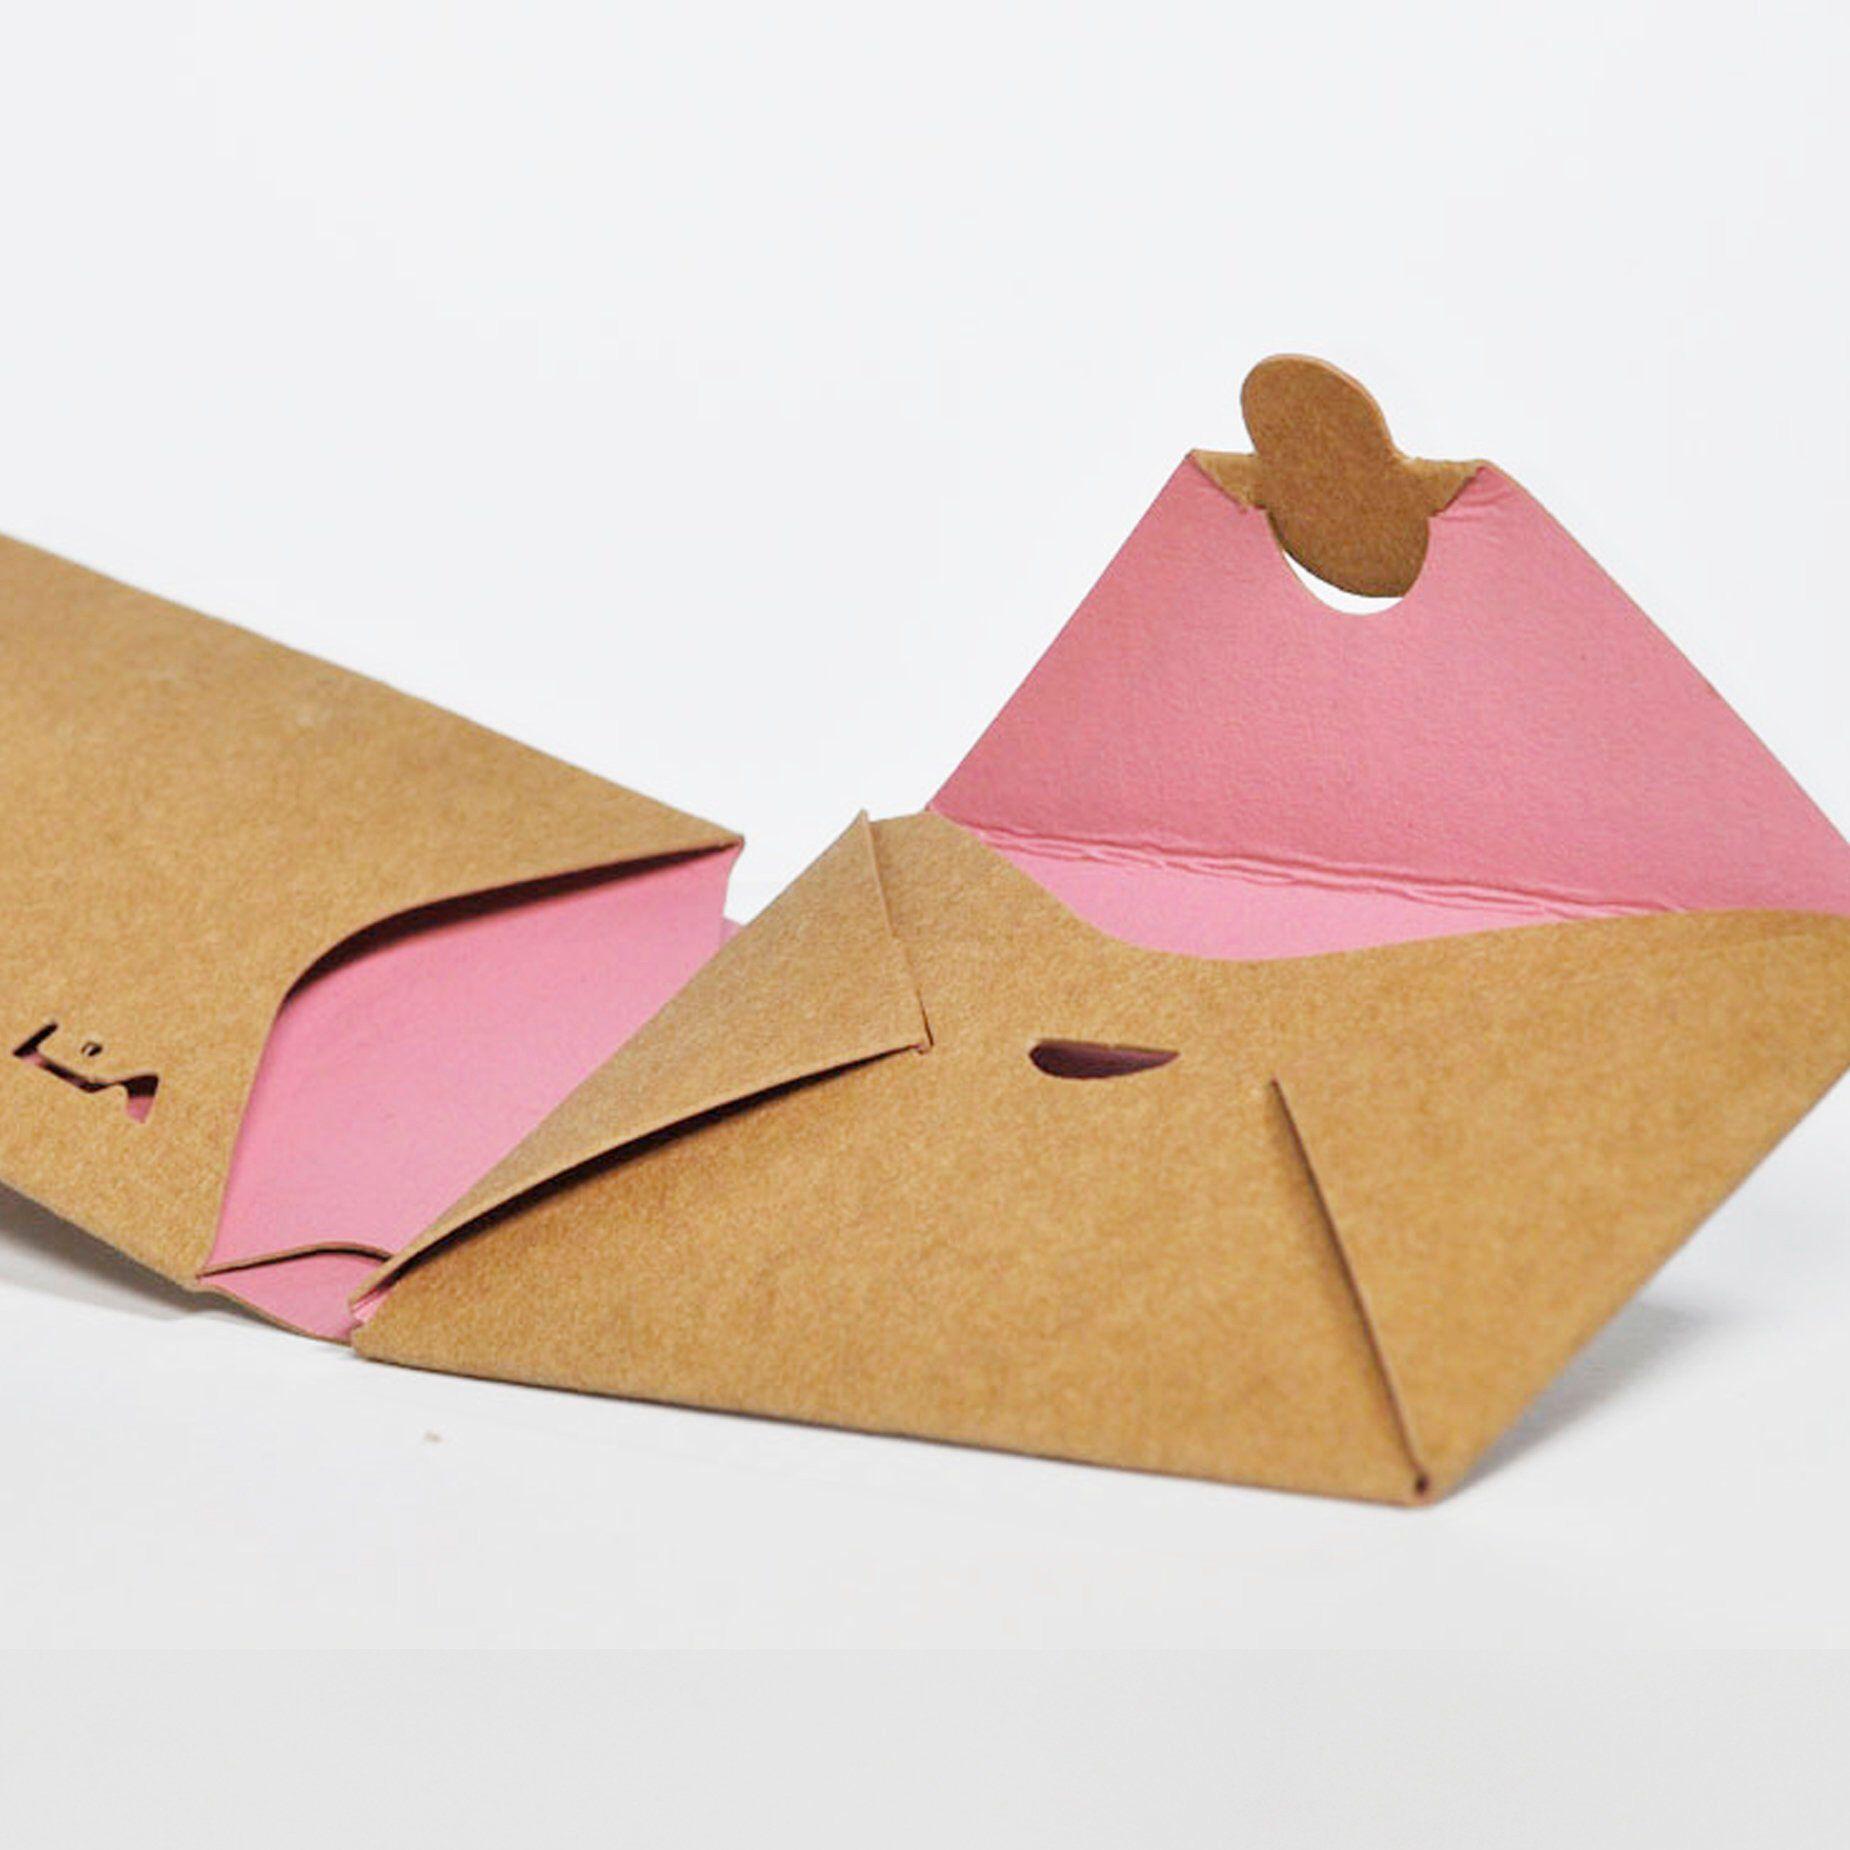 Wir Haben Eine Kollektion Kleinformatiger Geldborsen Kreiert Die Von Der Traditionellen Japanischen Origami T Origami Geldborse Diy Origami Japanische Origami